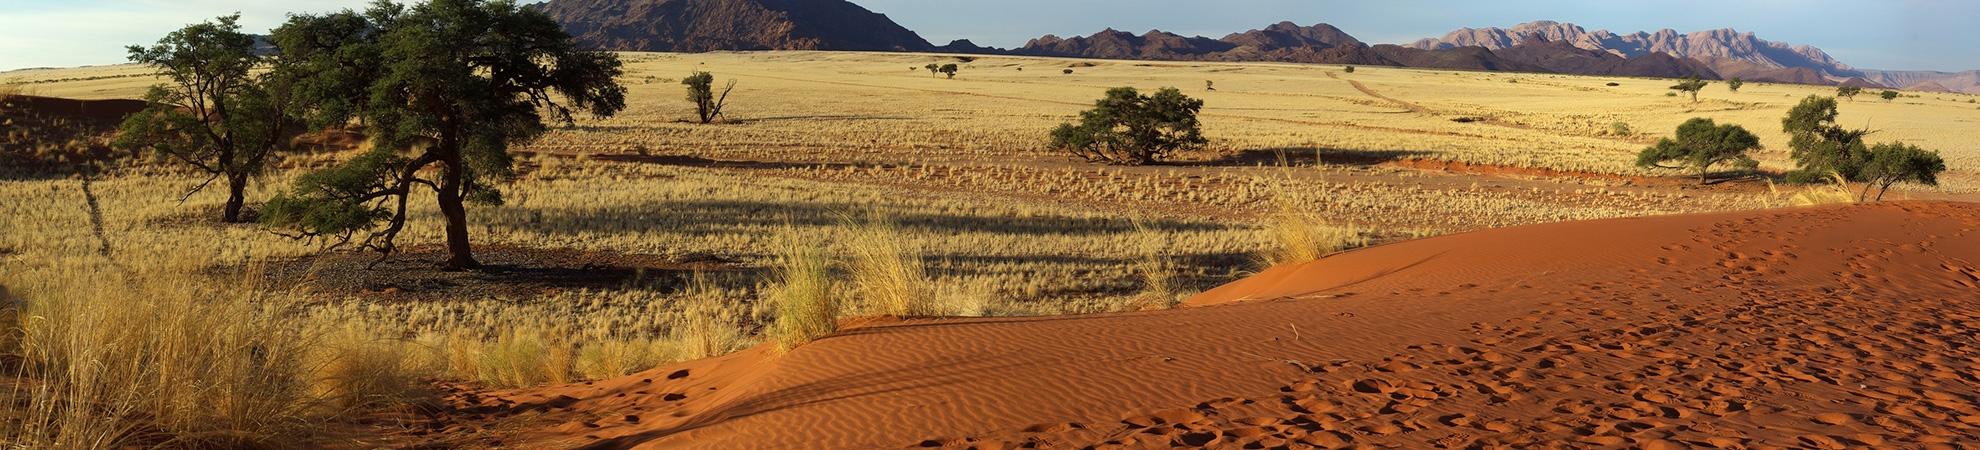 Fiche Pays Namibie